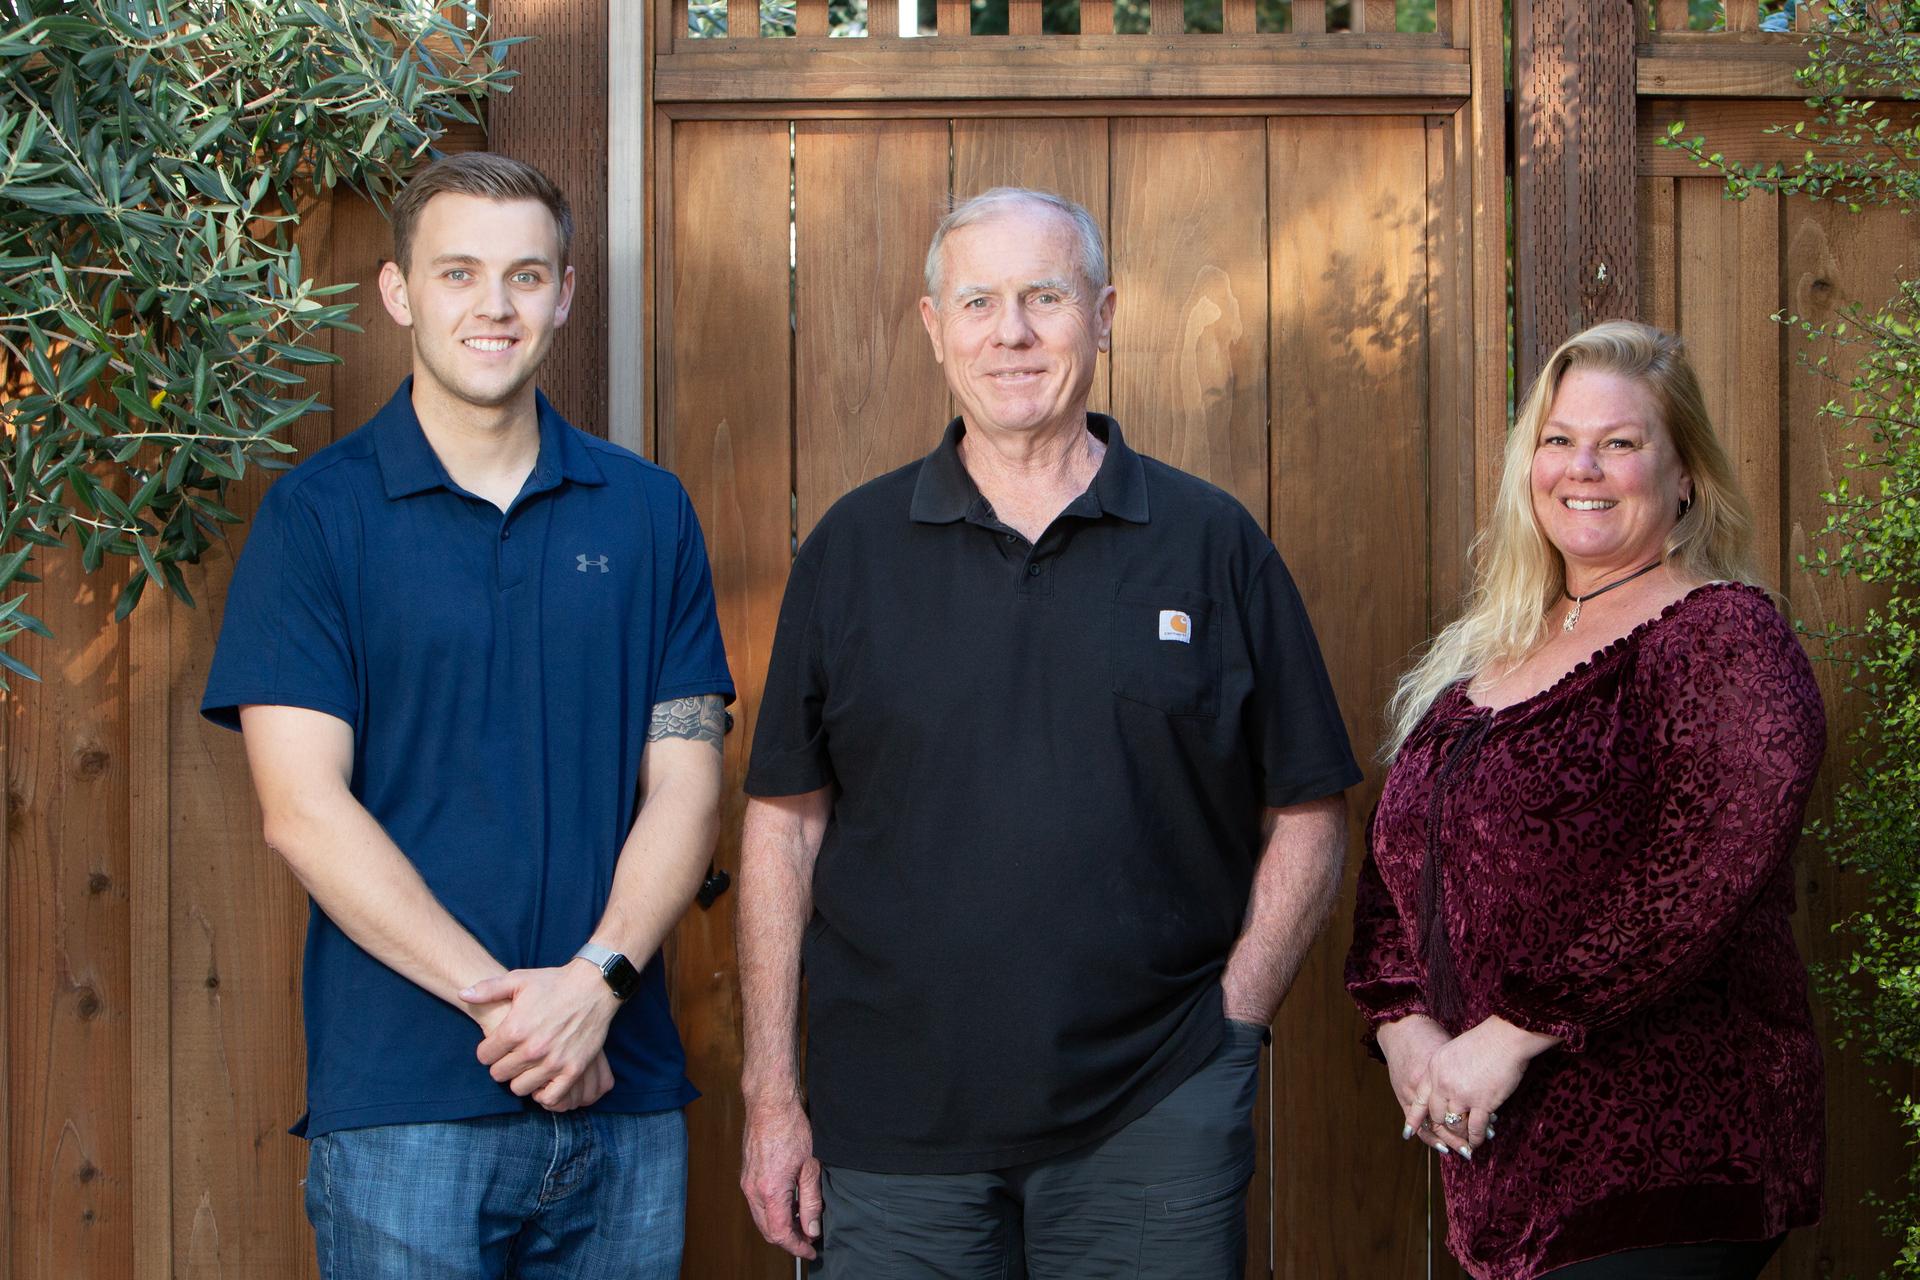 Gannon Construction Company Team - Collin Gannon, Brian Gannon, Gretchen Stagg